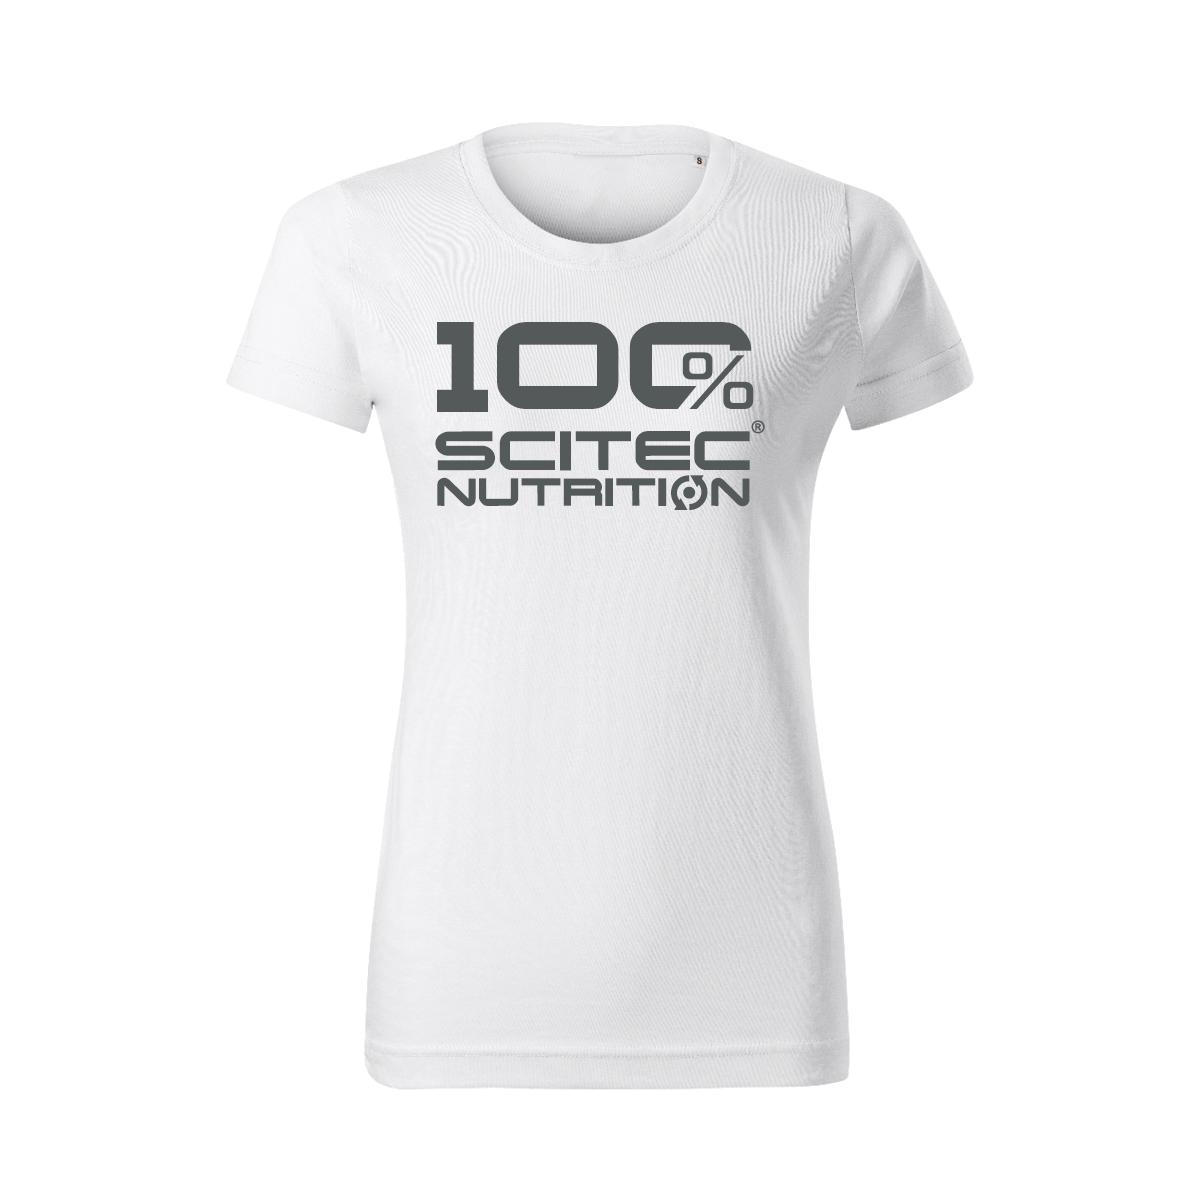 Scitec Nutrition 100% Scitec Nutrition Womens T-shirt